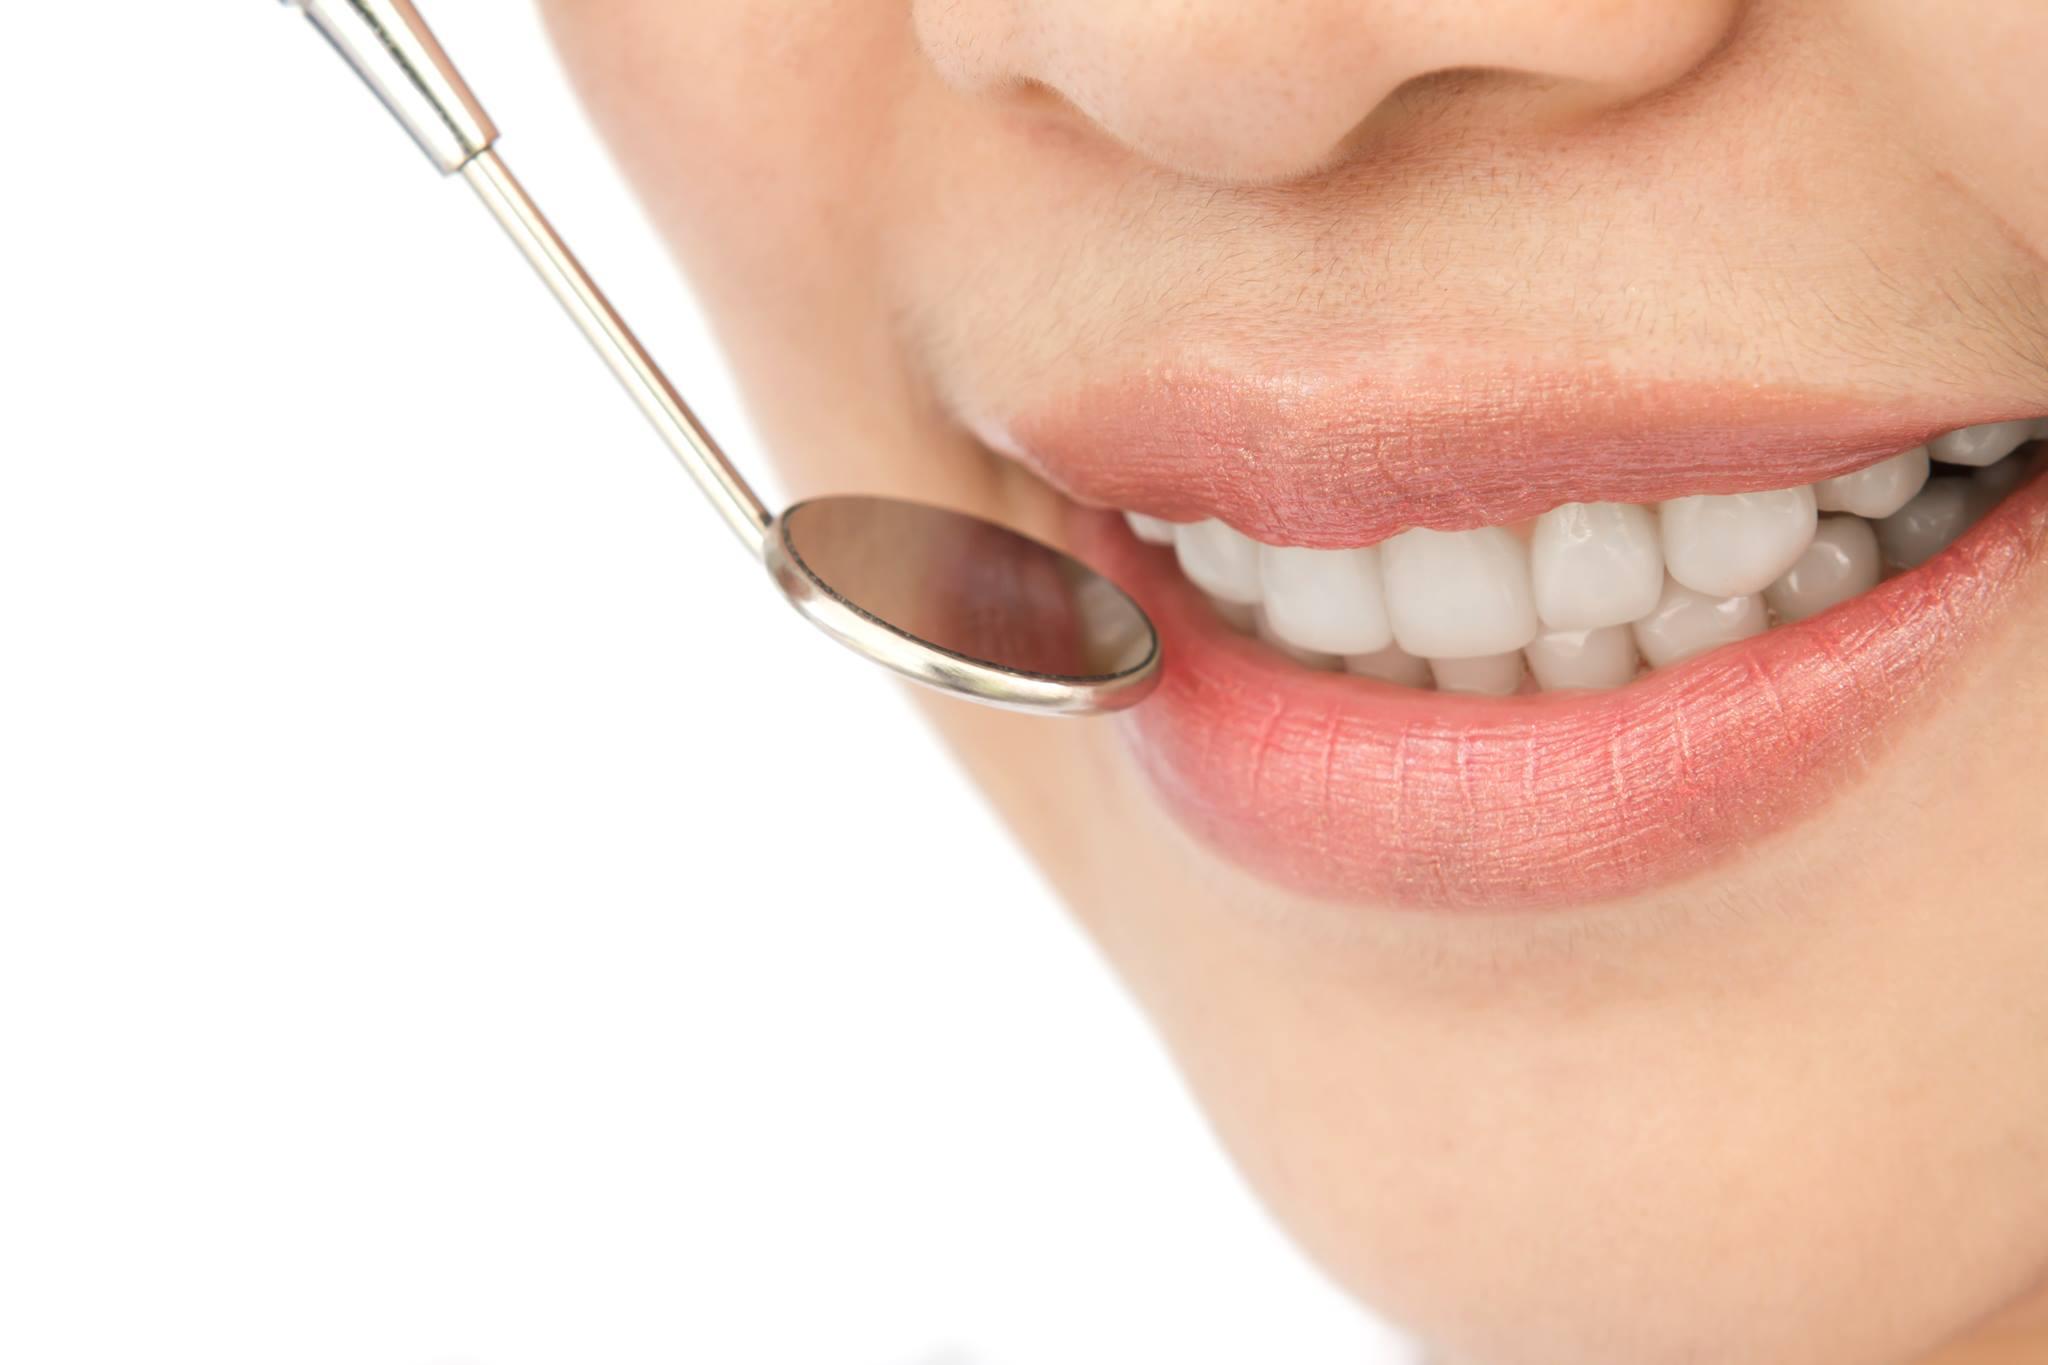 Pulizia dentale professionale: una sana abitudine per la salute dei tuoi denti